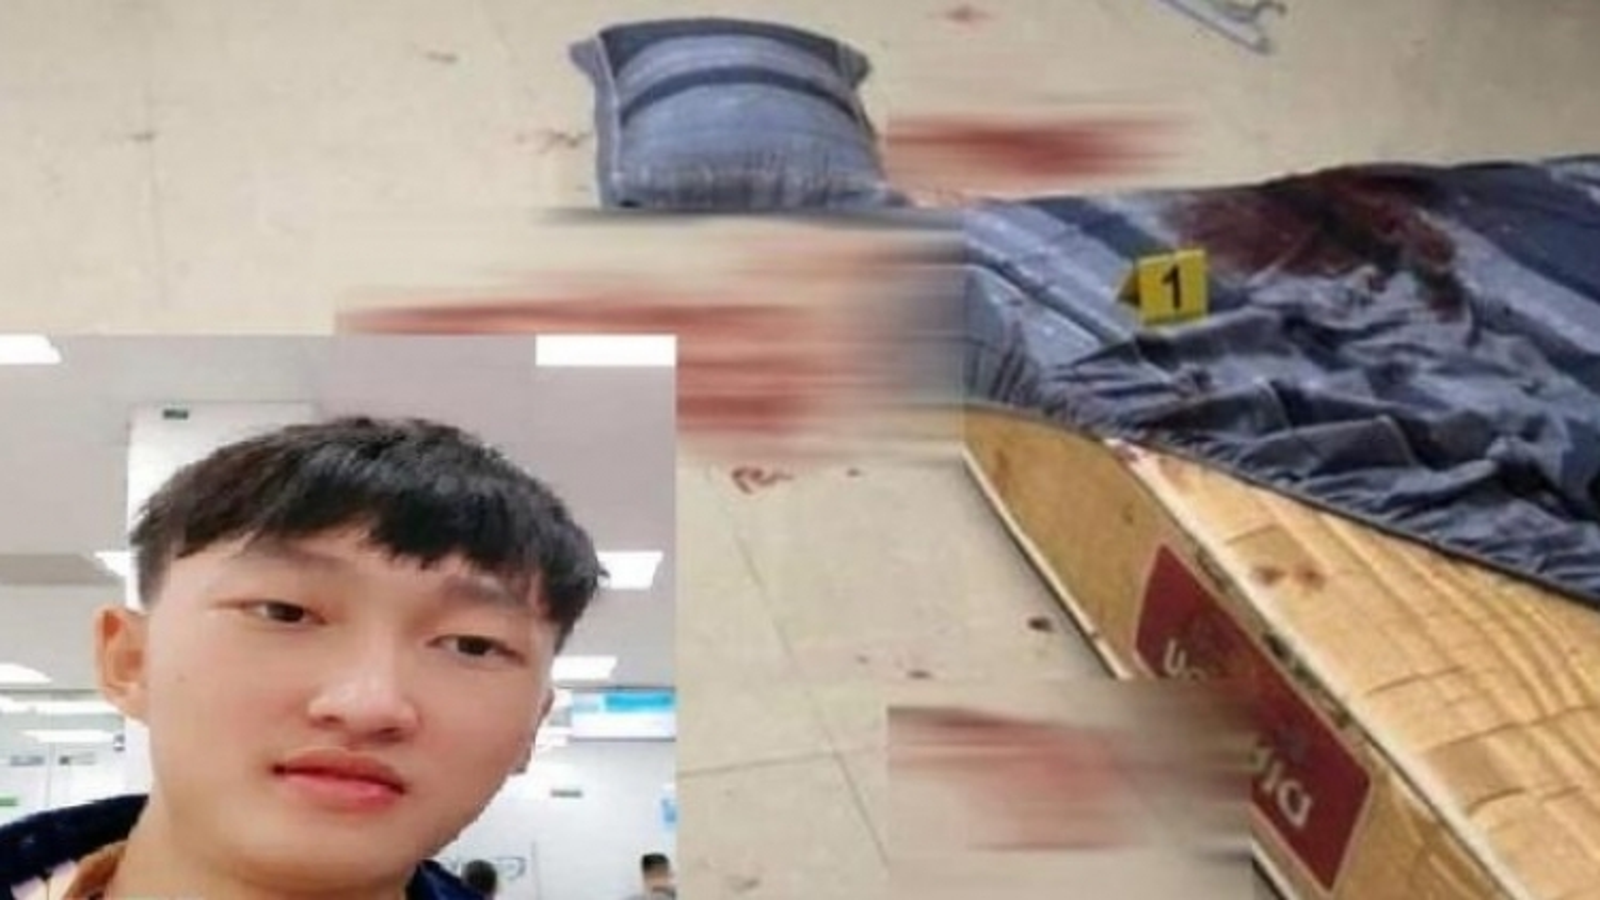 Nóng 24h: Kẻ chém hai mẹ con ở Nghệ An lẩn trốn trong 12 giờ